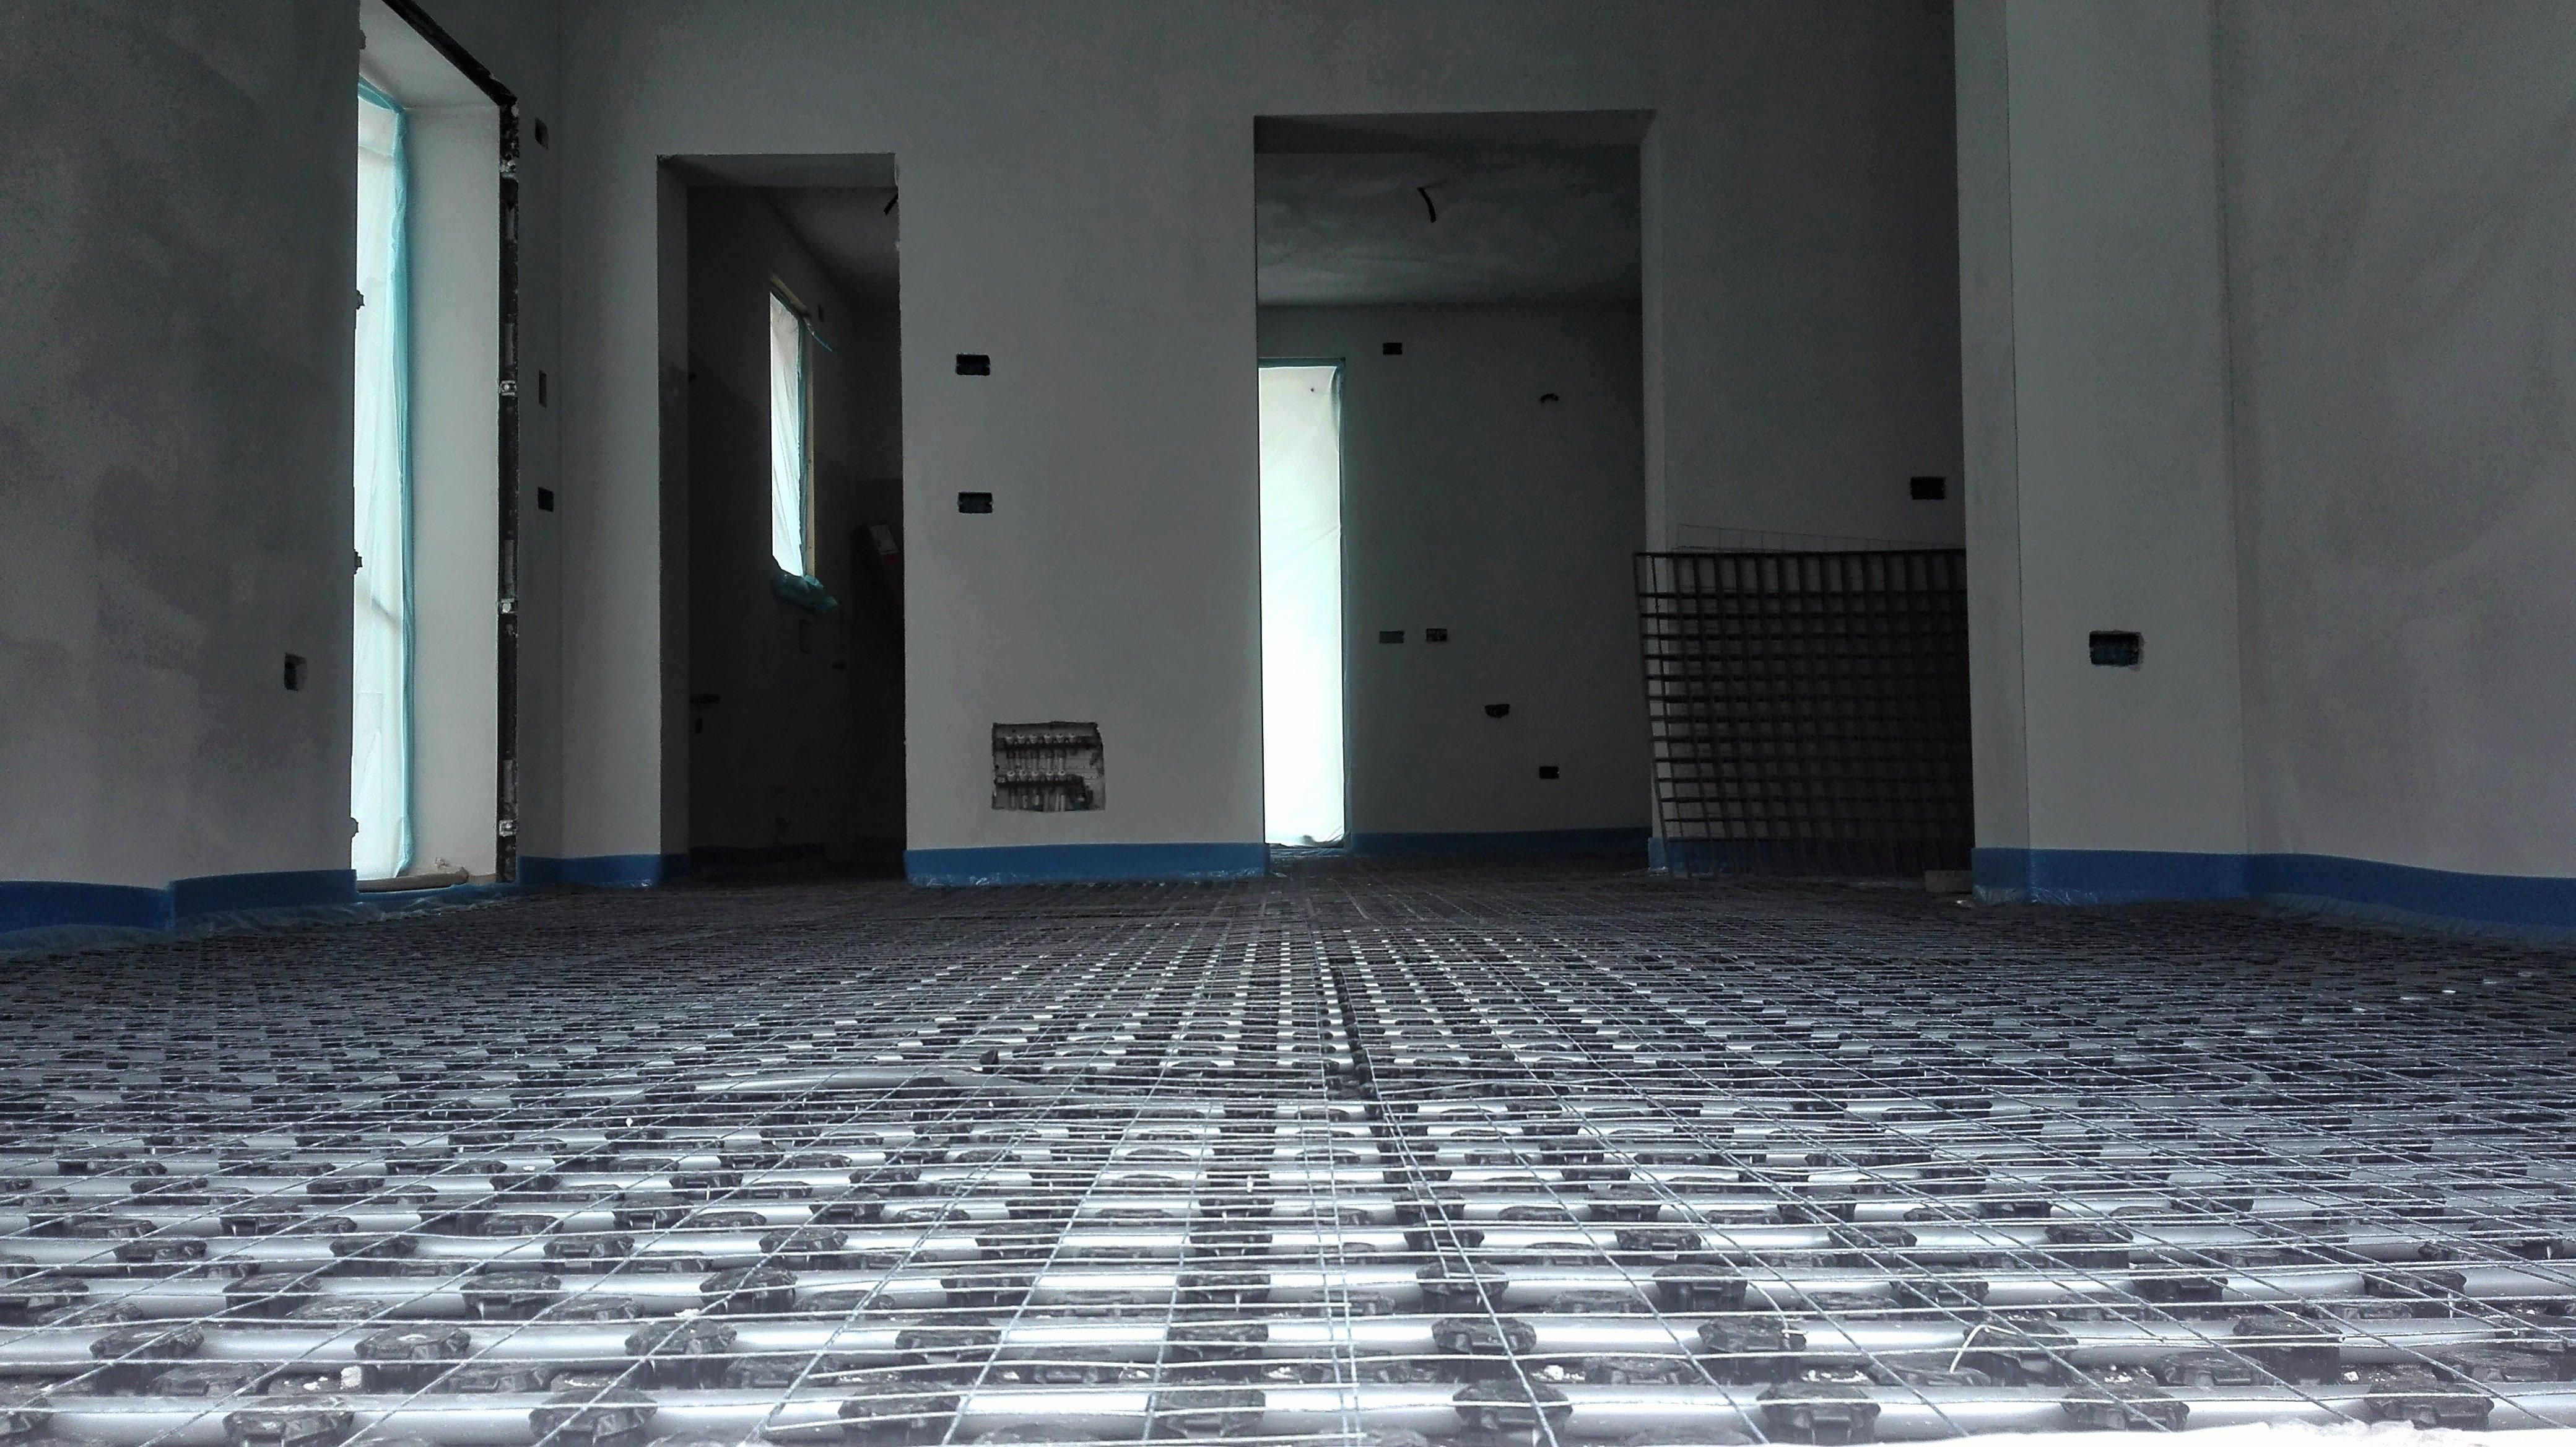 Ristrutturazione Riscaldamento A Pavimento impianto di riscaldamento radiante - edilceparano